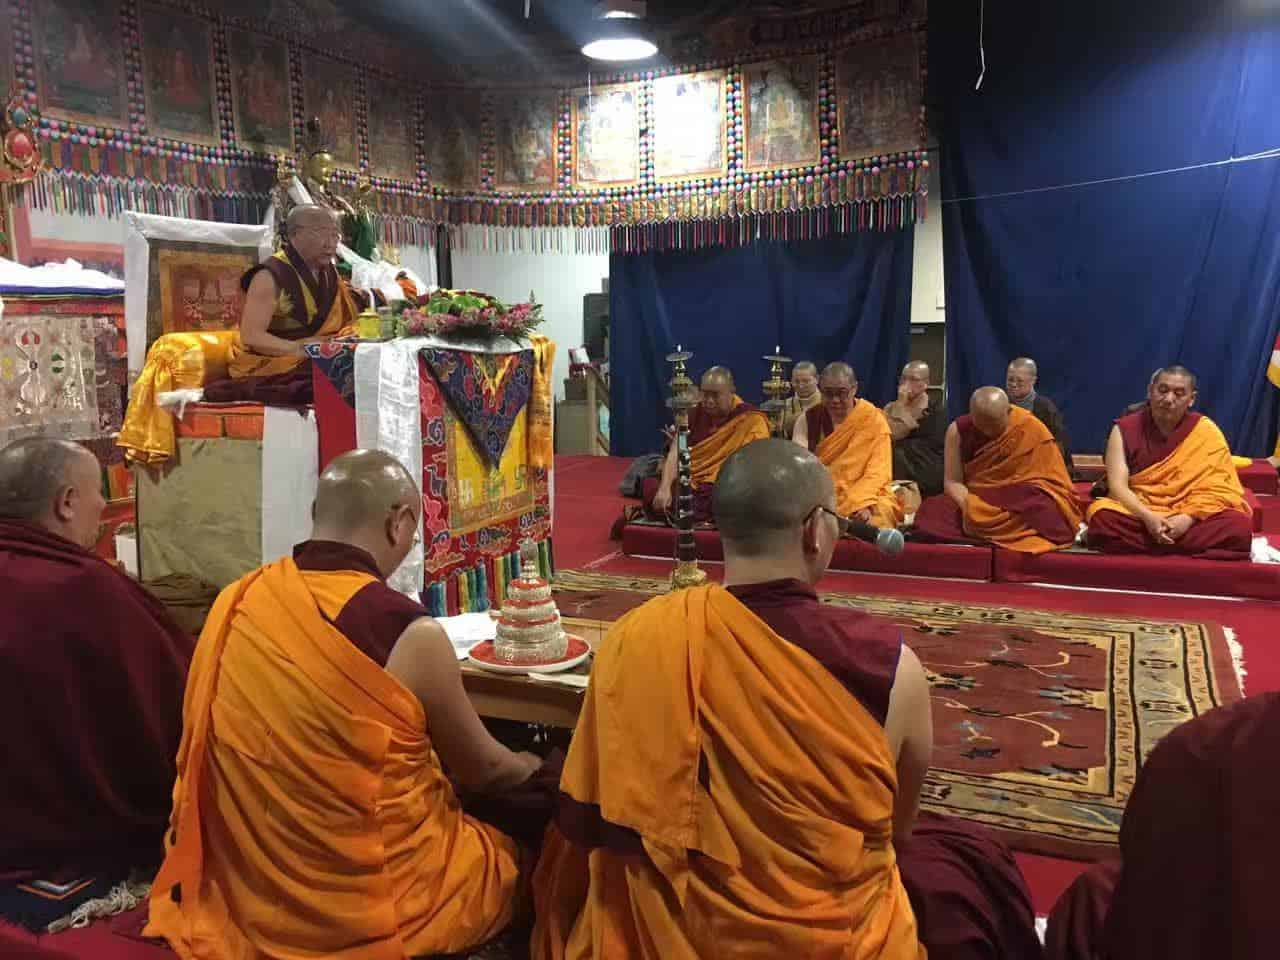 Gosok Rinpoche Toronto 2017-04 006 b4e405d1ae3de9799c5ca502b38243a